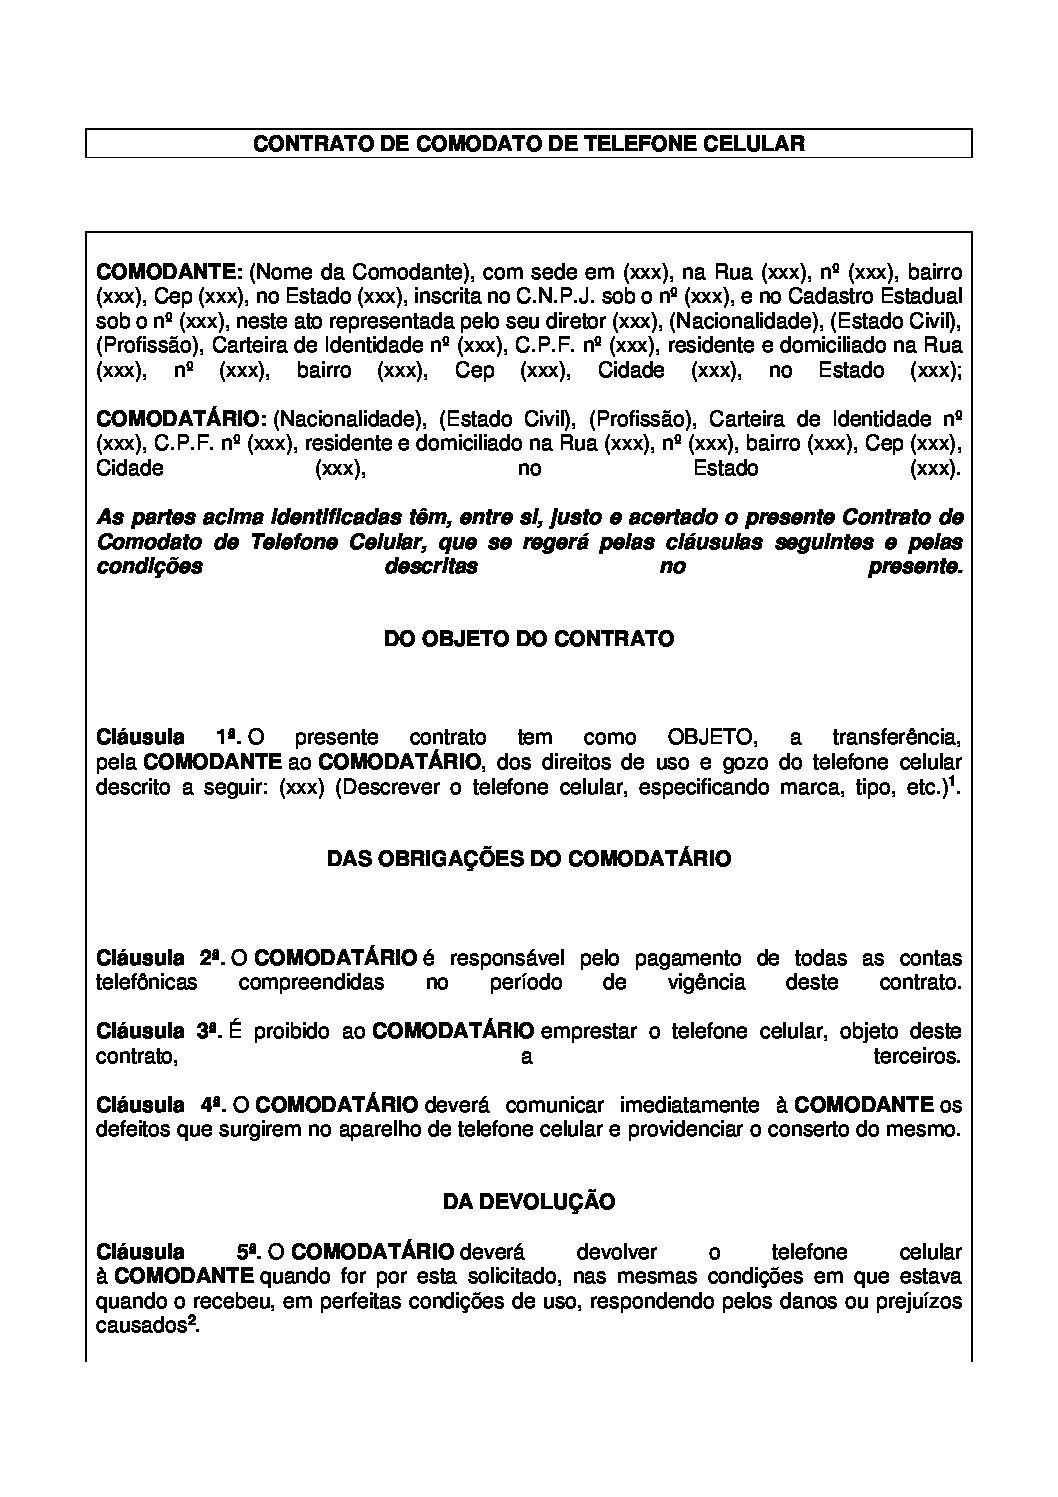 Contrato de Comodato Telefone Celular